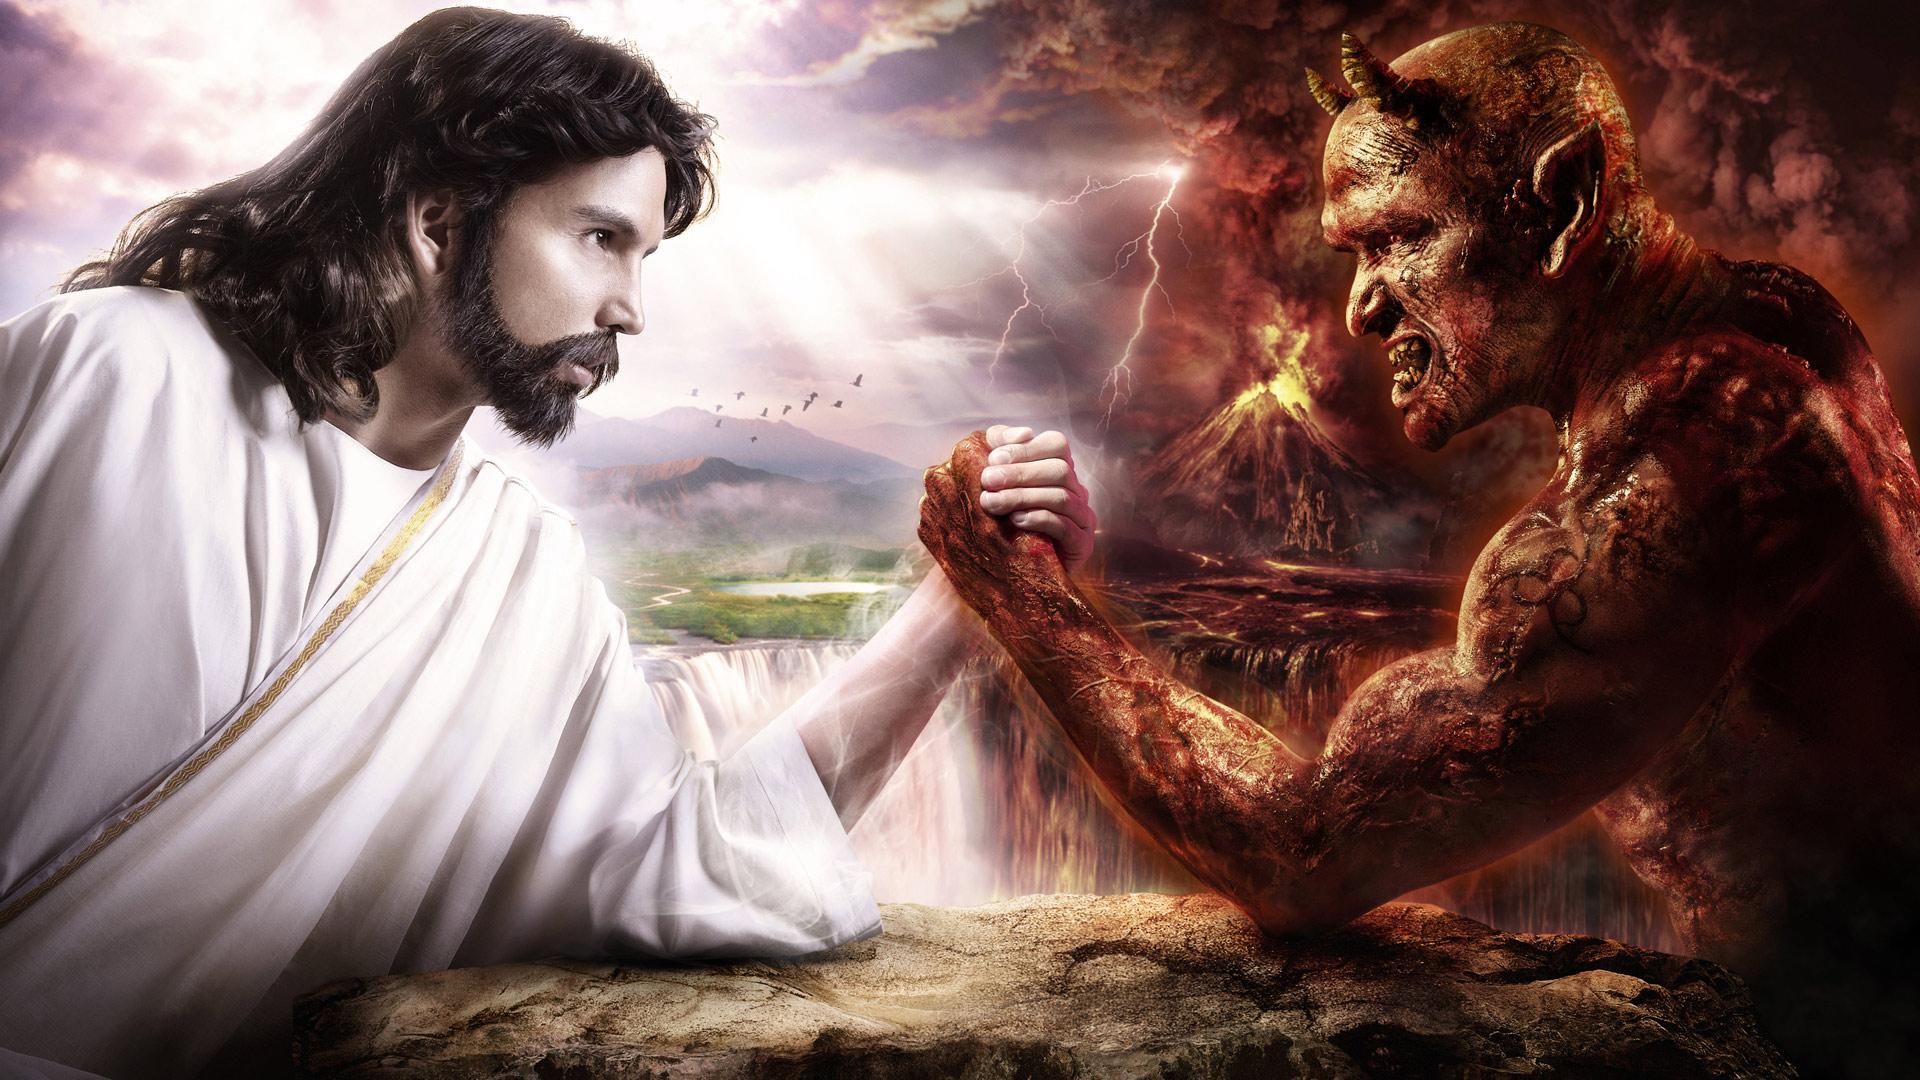 И картинки дьявол и иисус скачать